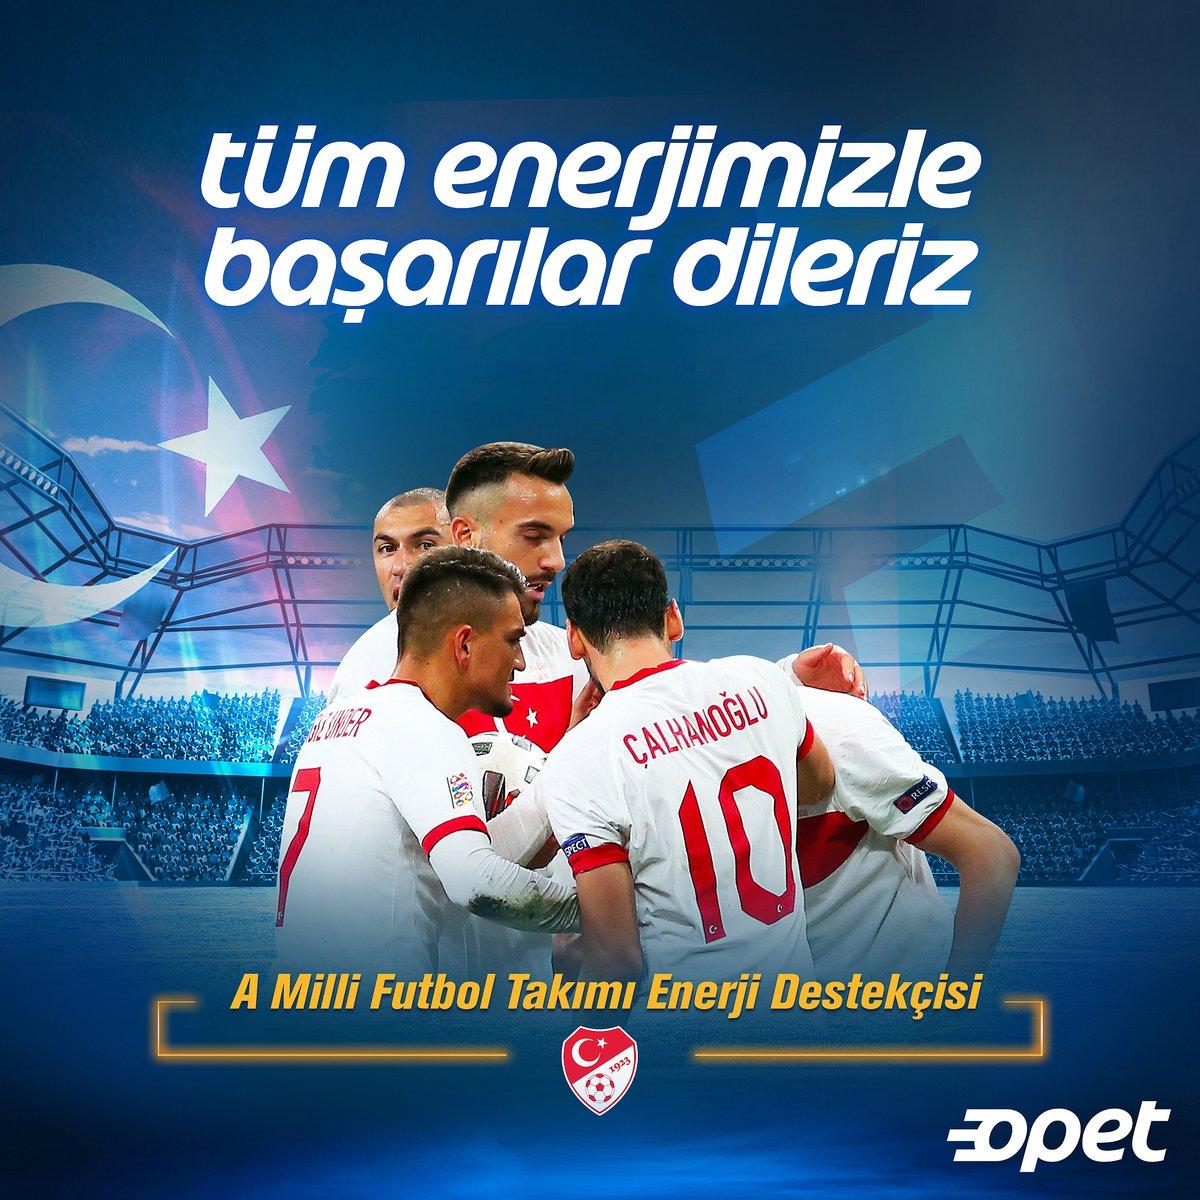 Uluslar Ligi 4. mücadelesinde rakibimiz Sırbistan. Her zaman olduğu gibi bu maçta da Millilerin yanındayız! https://t.co/NaYuVMEP3d